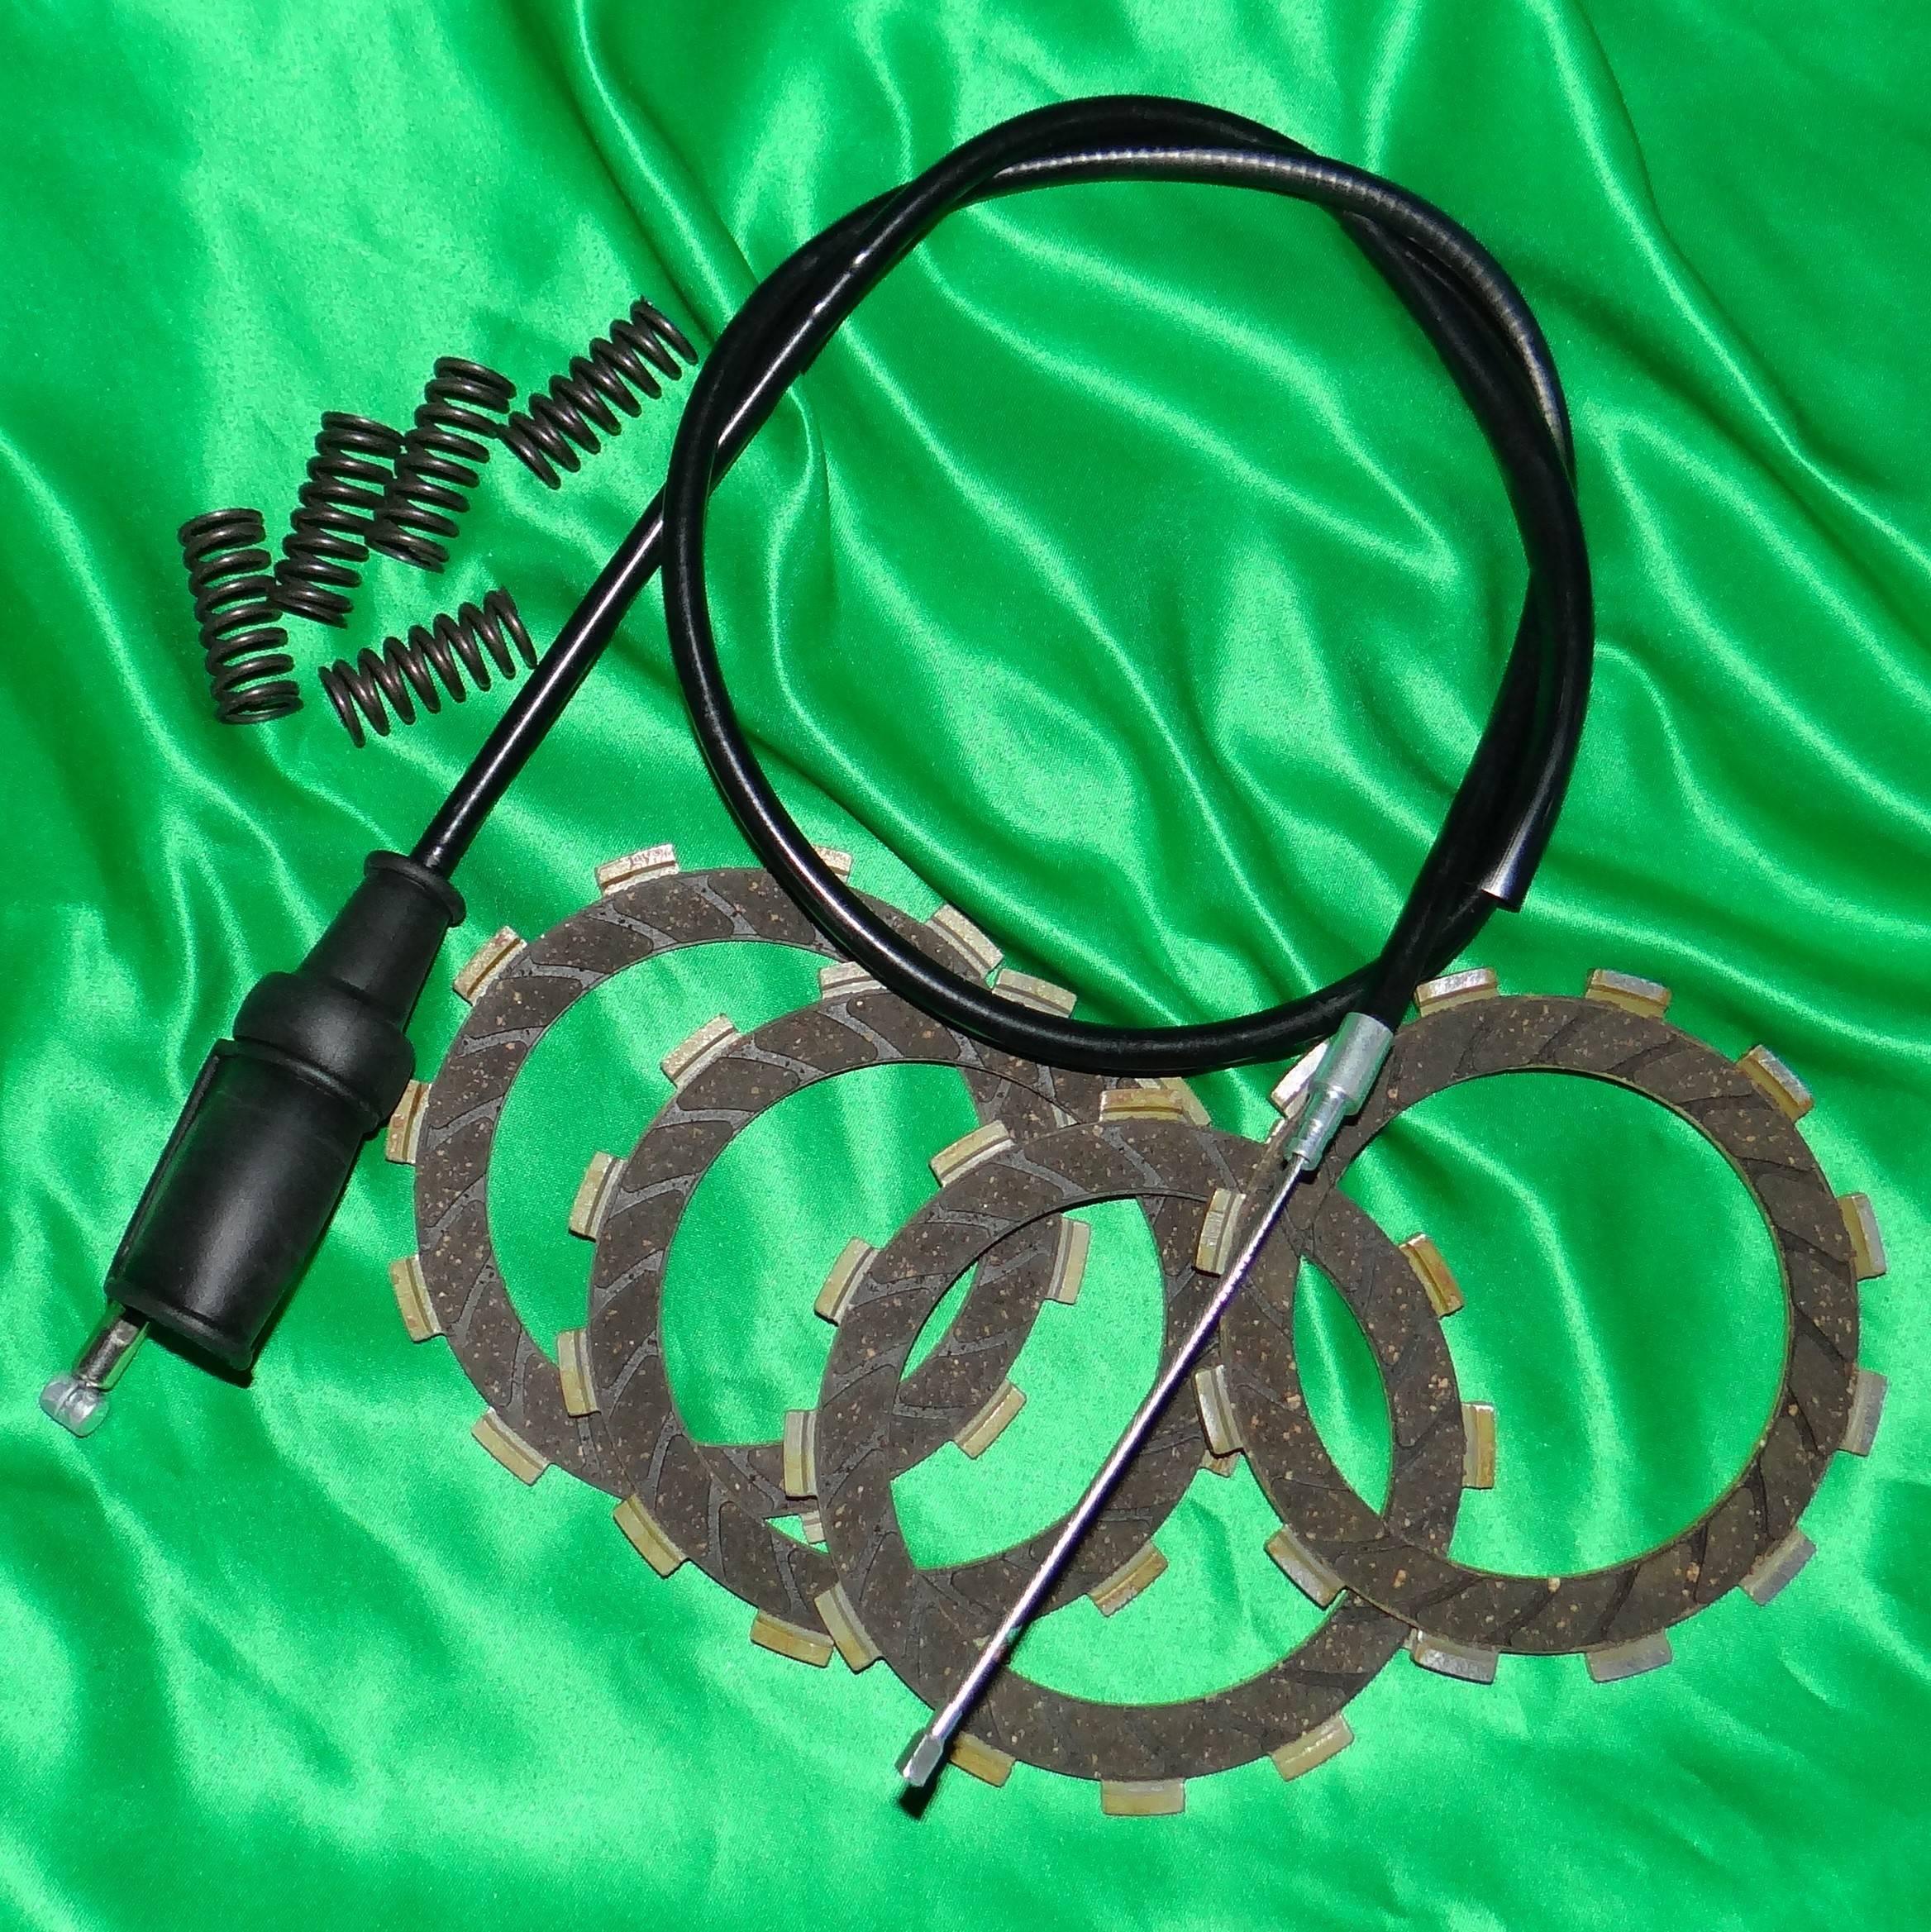 Disque d'embrayage, ressort, cable d'embrayage,... pour HONDA 4 temps